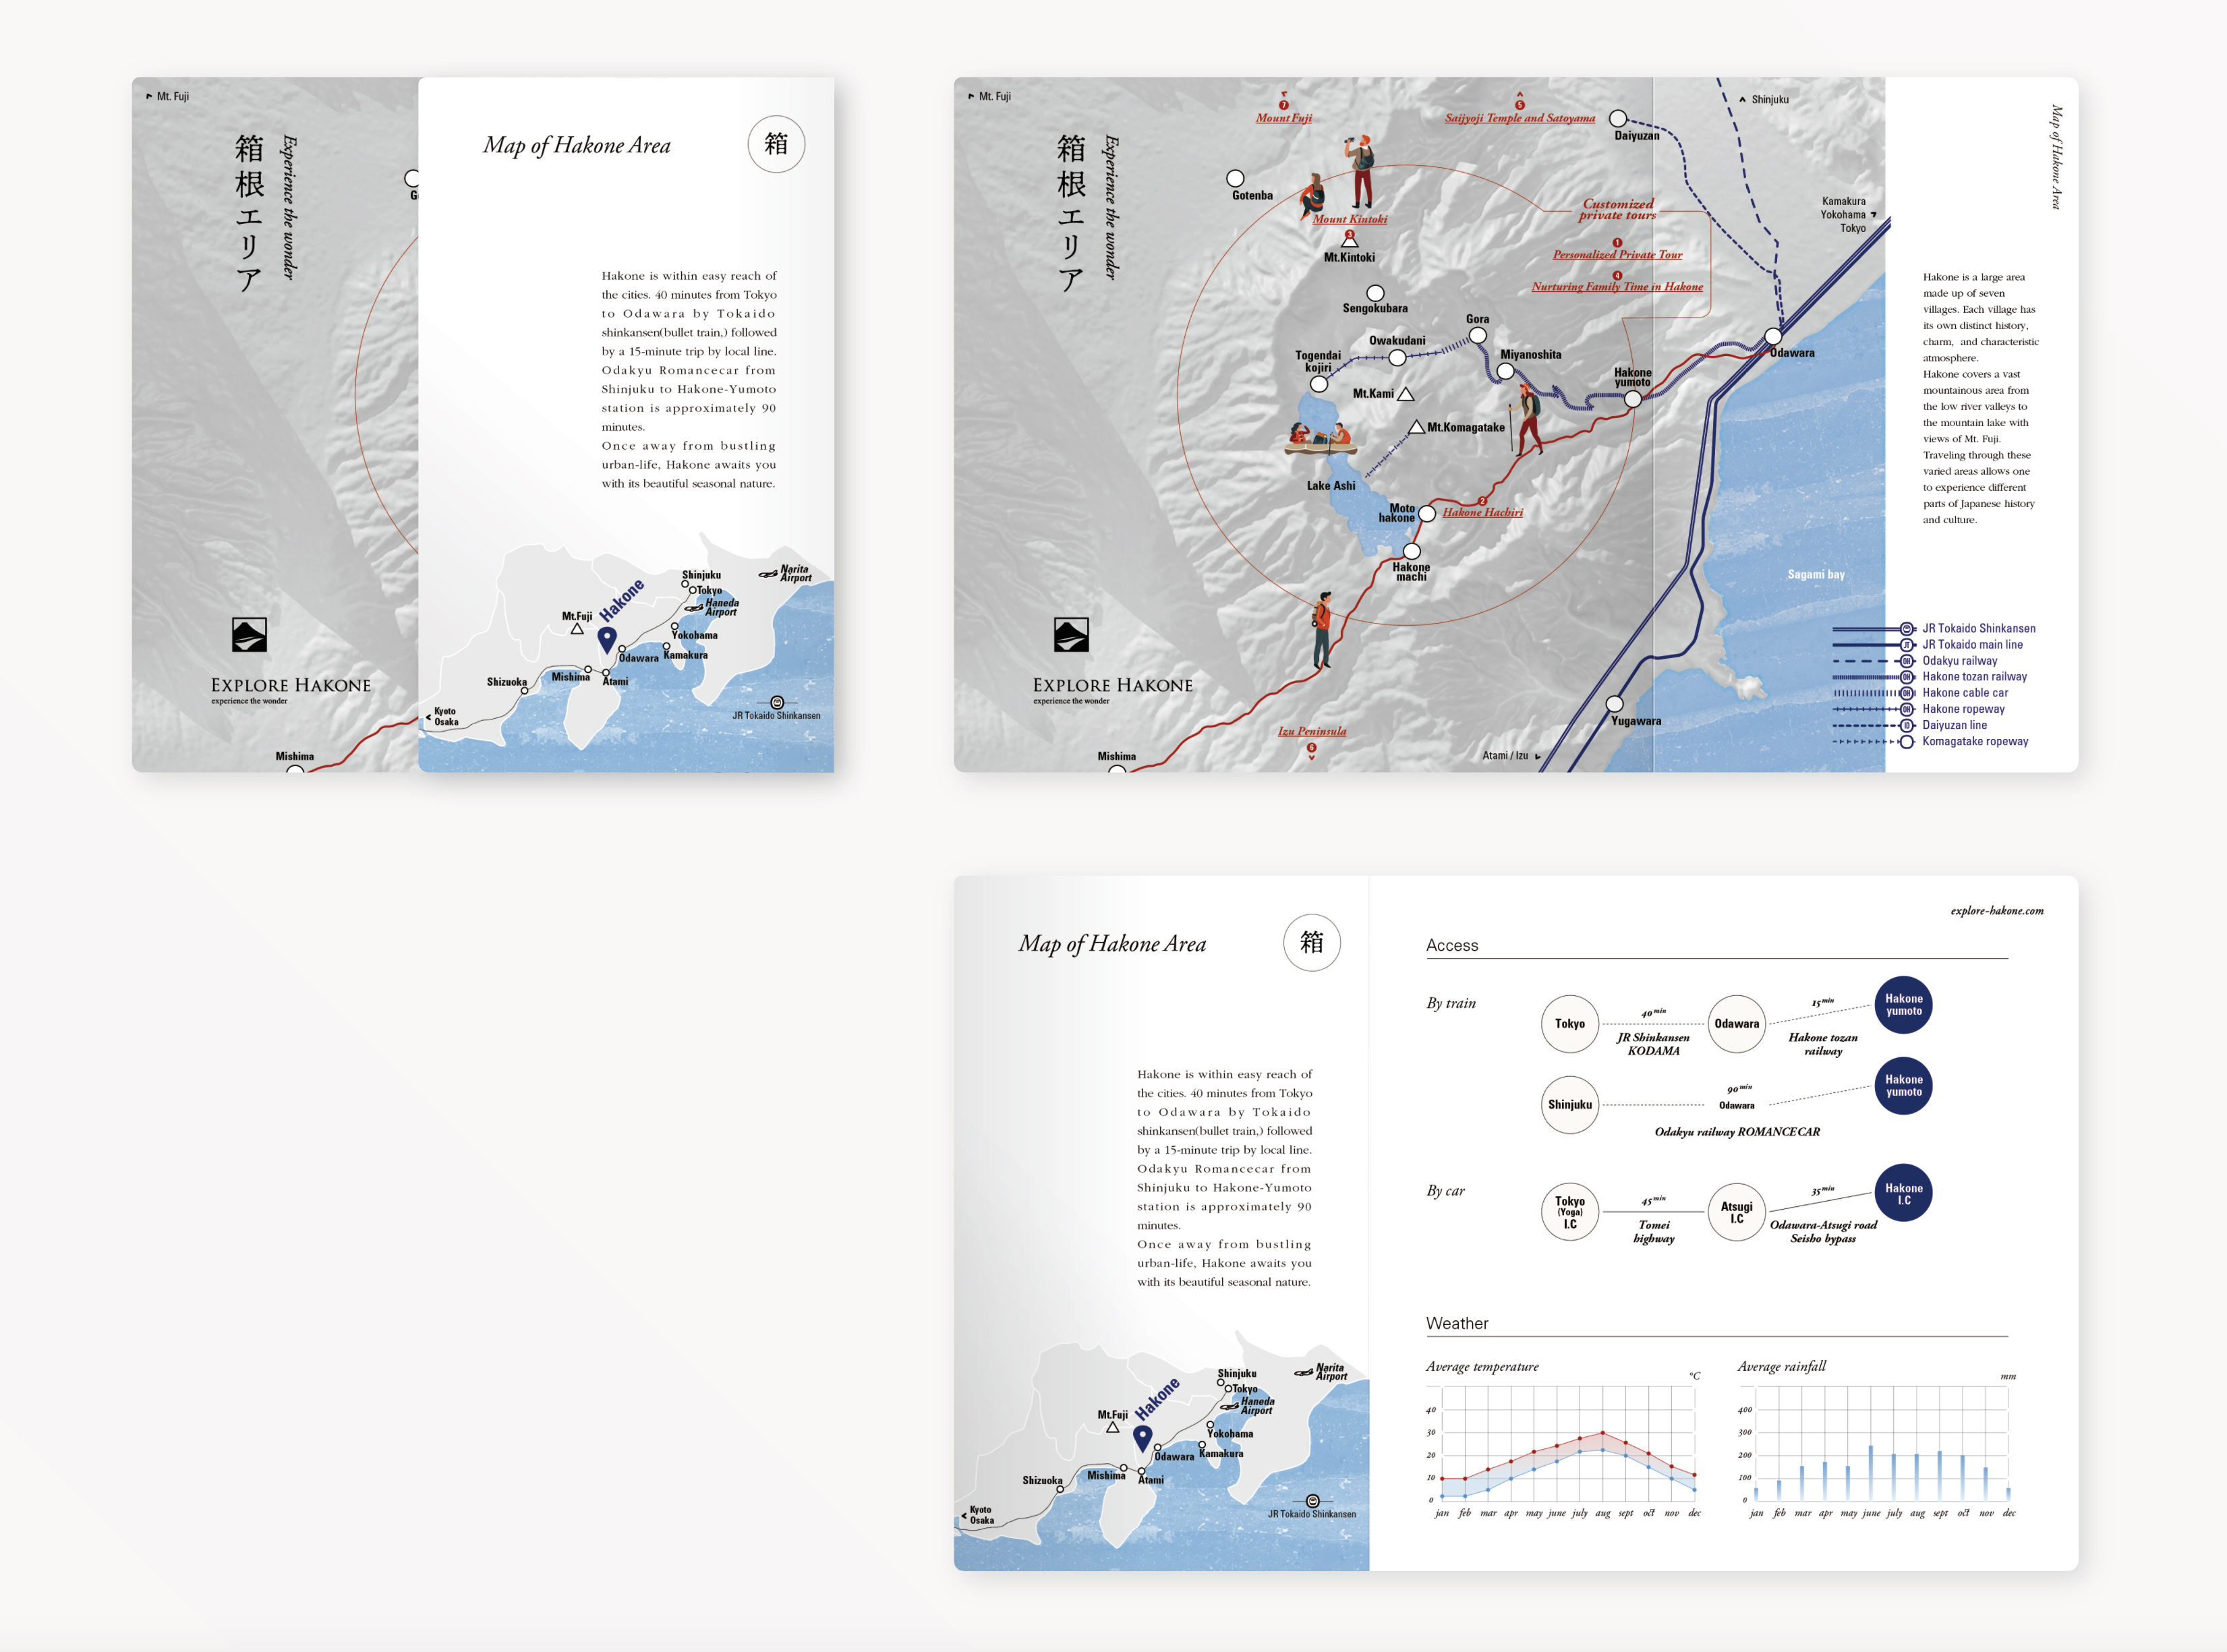 グラフィックデザイン パンフレットデザイン パッケージデザイン 編集エディトリアル 神奈川県 箱根 地図 気温 降水量 アクセス